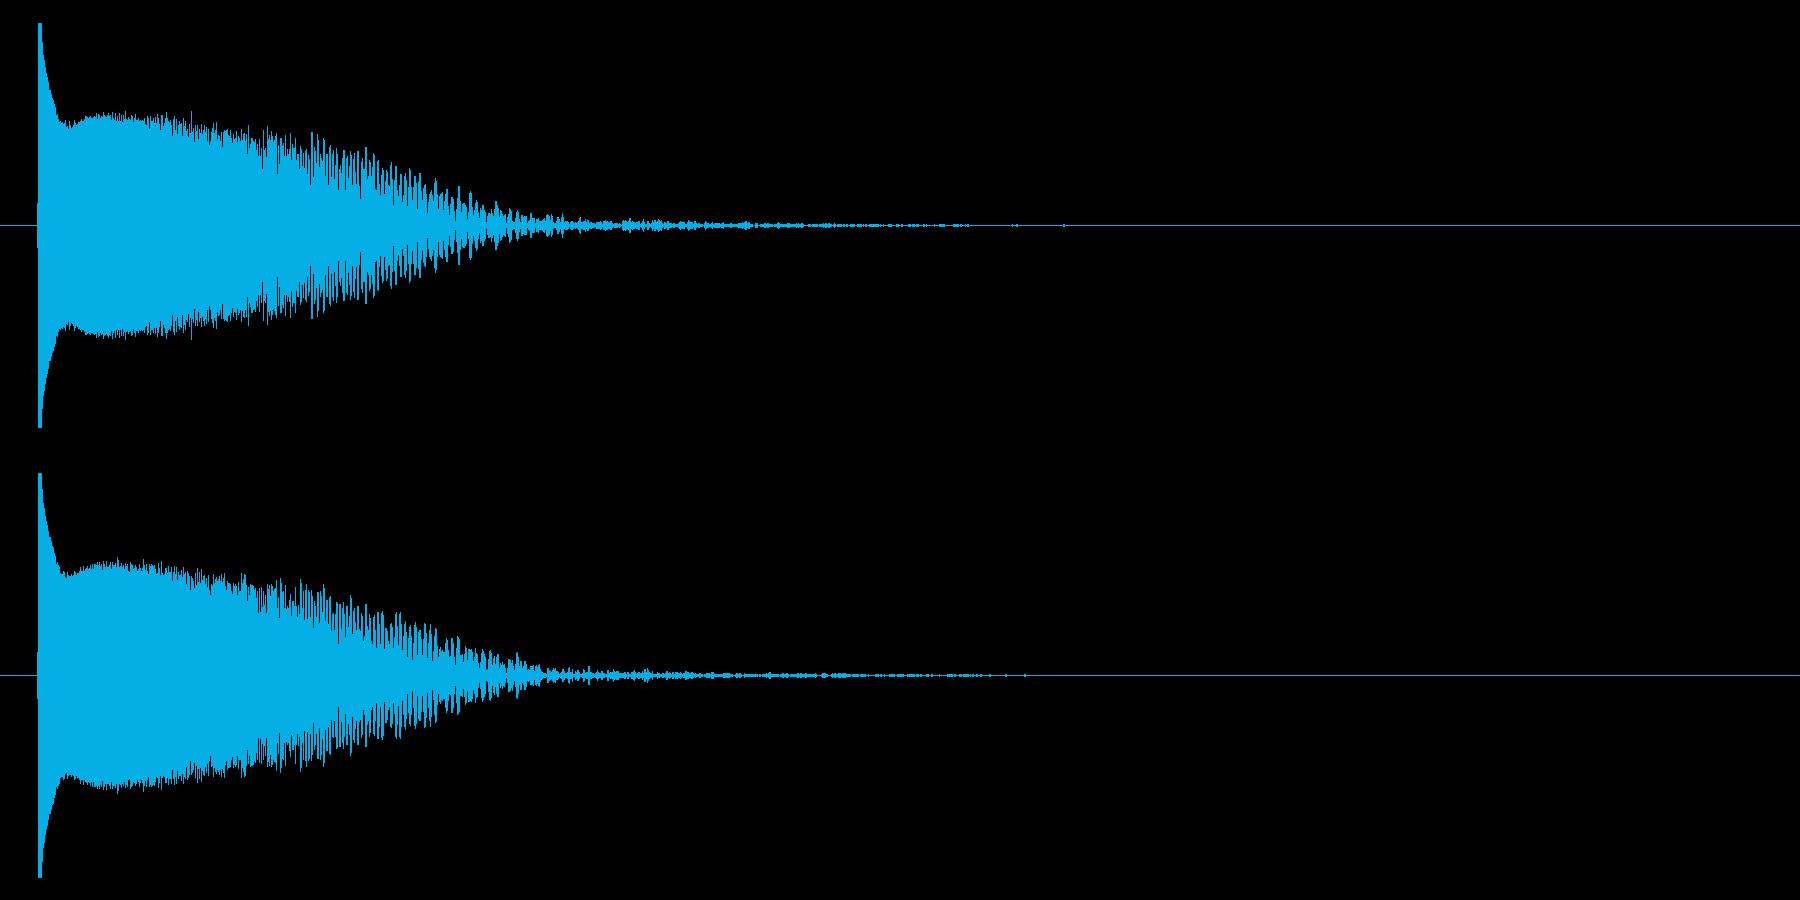 クラブ系 決定音09(プチュン)の再生済みの波形